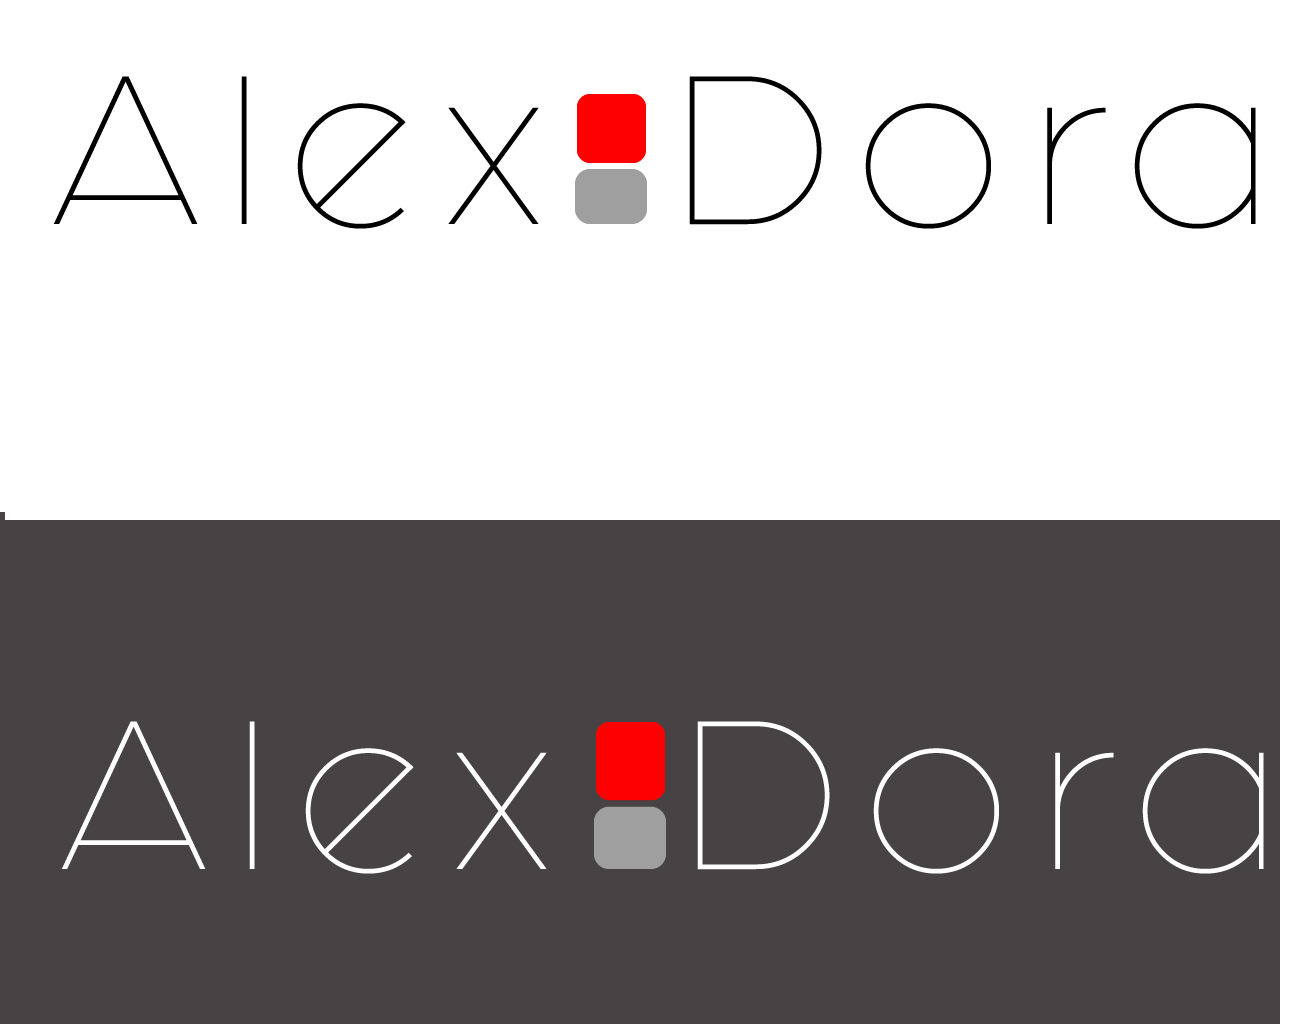 Необходим дизайнер для доработки логотипа бренда одежды фото f_4265b38fb61ef090.png